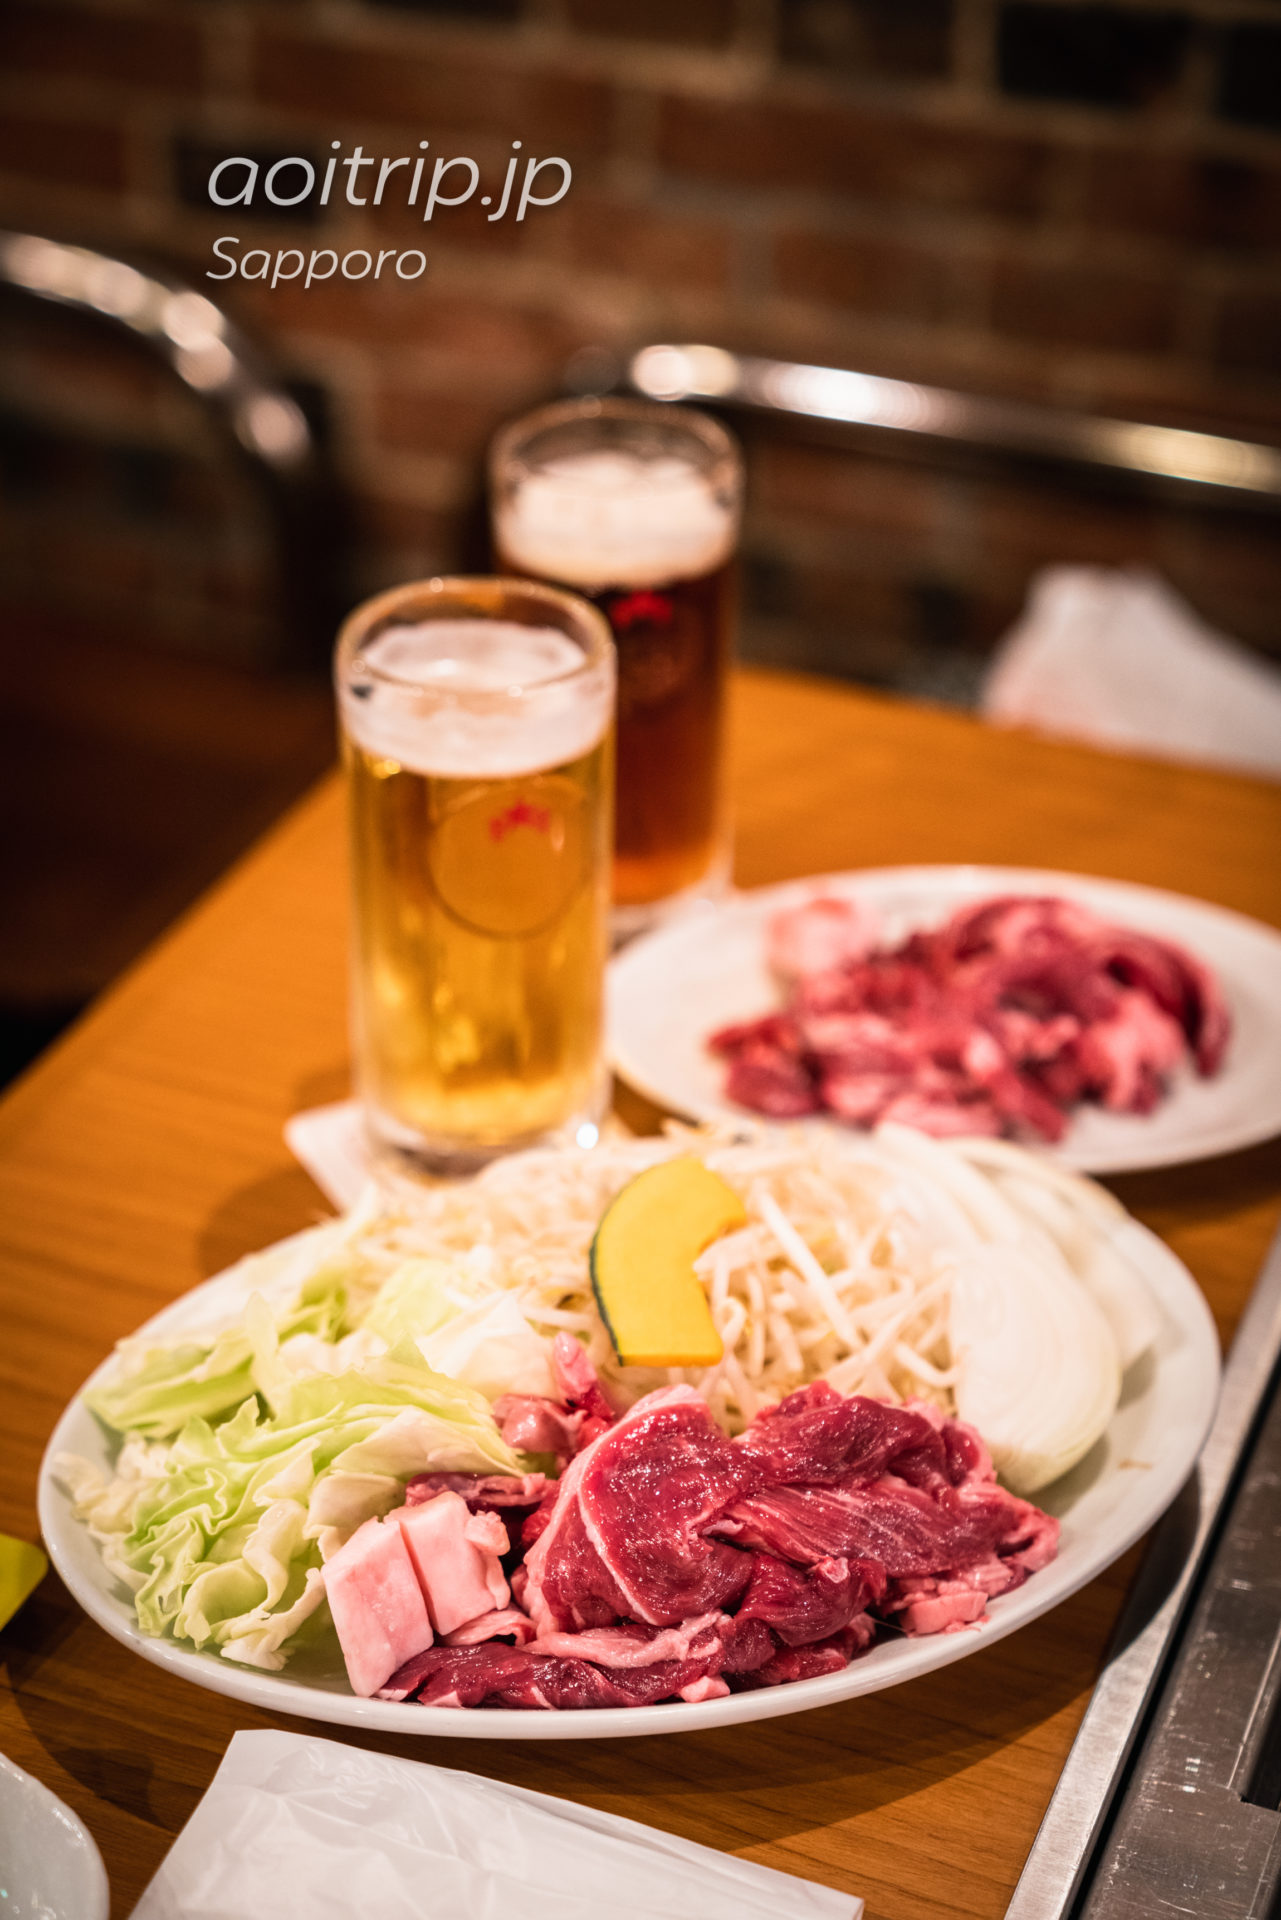 ビヤケラー札幌開拓使の生ラムジンギスカンと生ビール